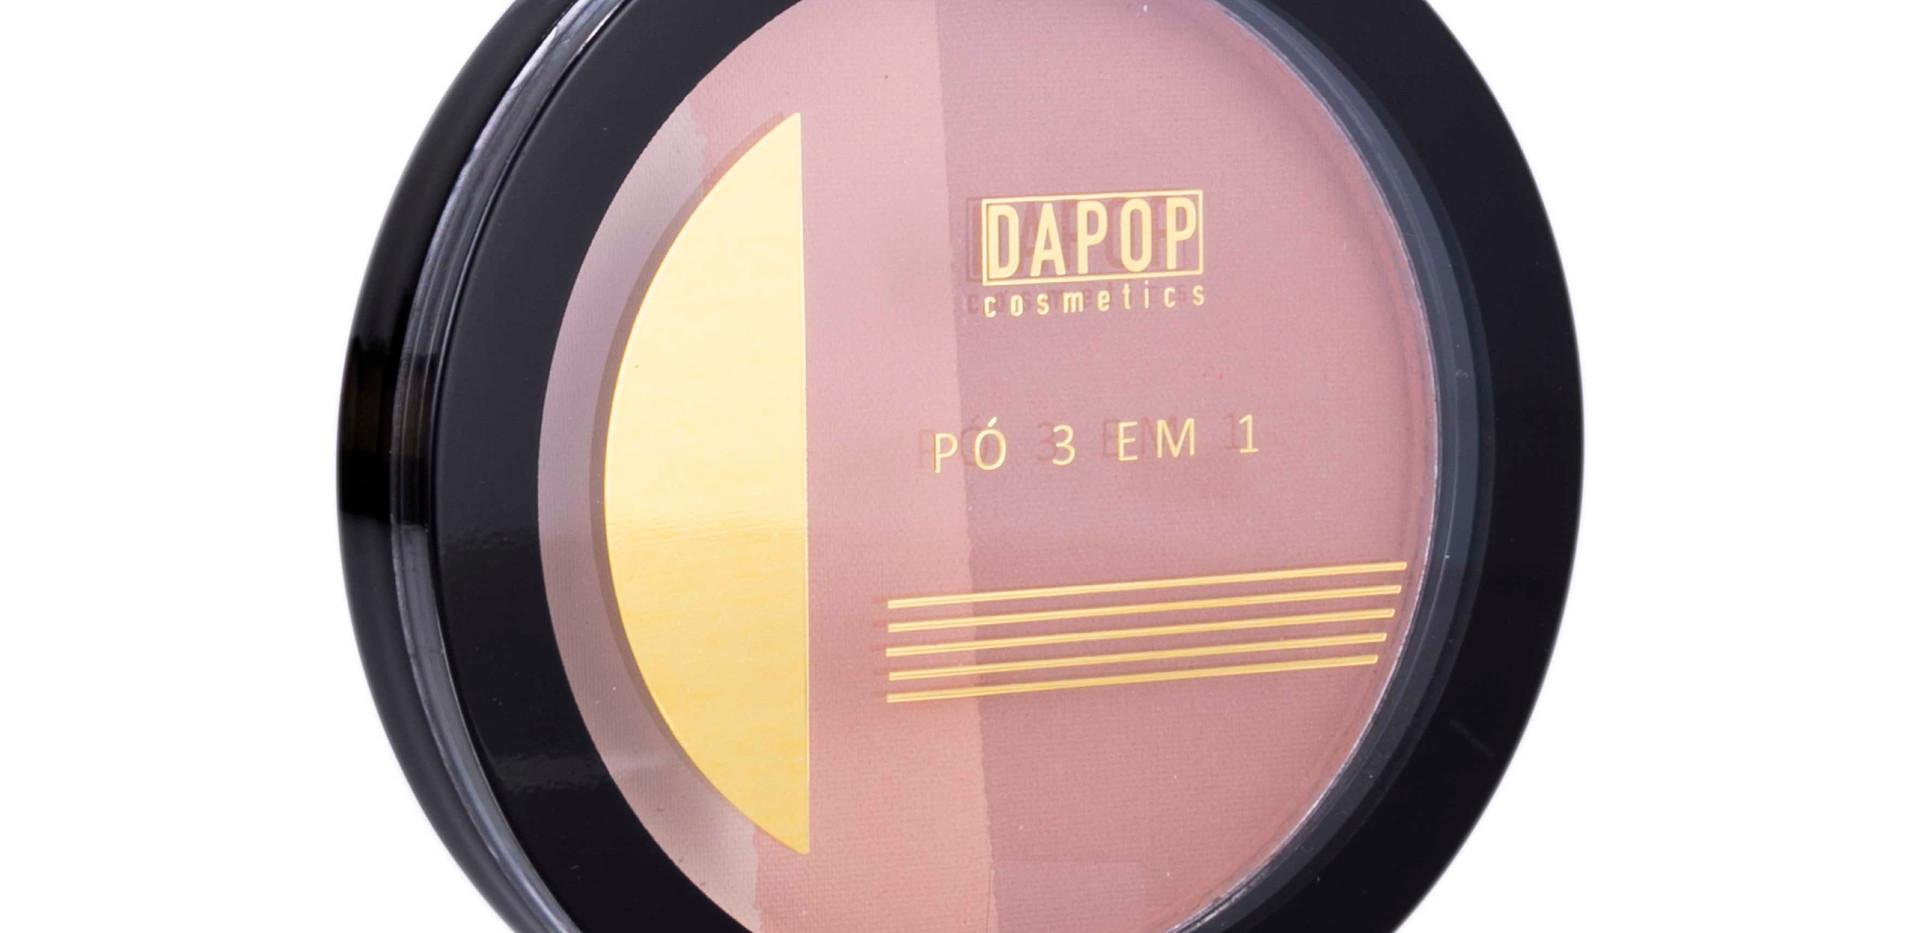 Pó 3 em 1 Dapop - HB96764